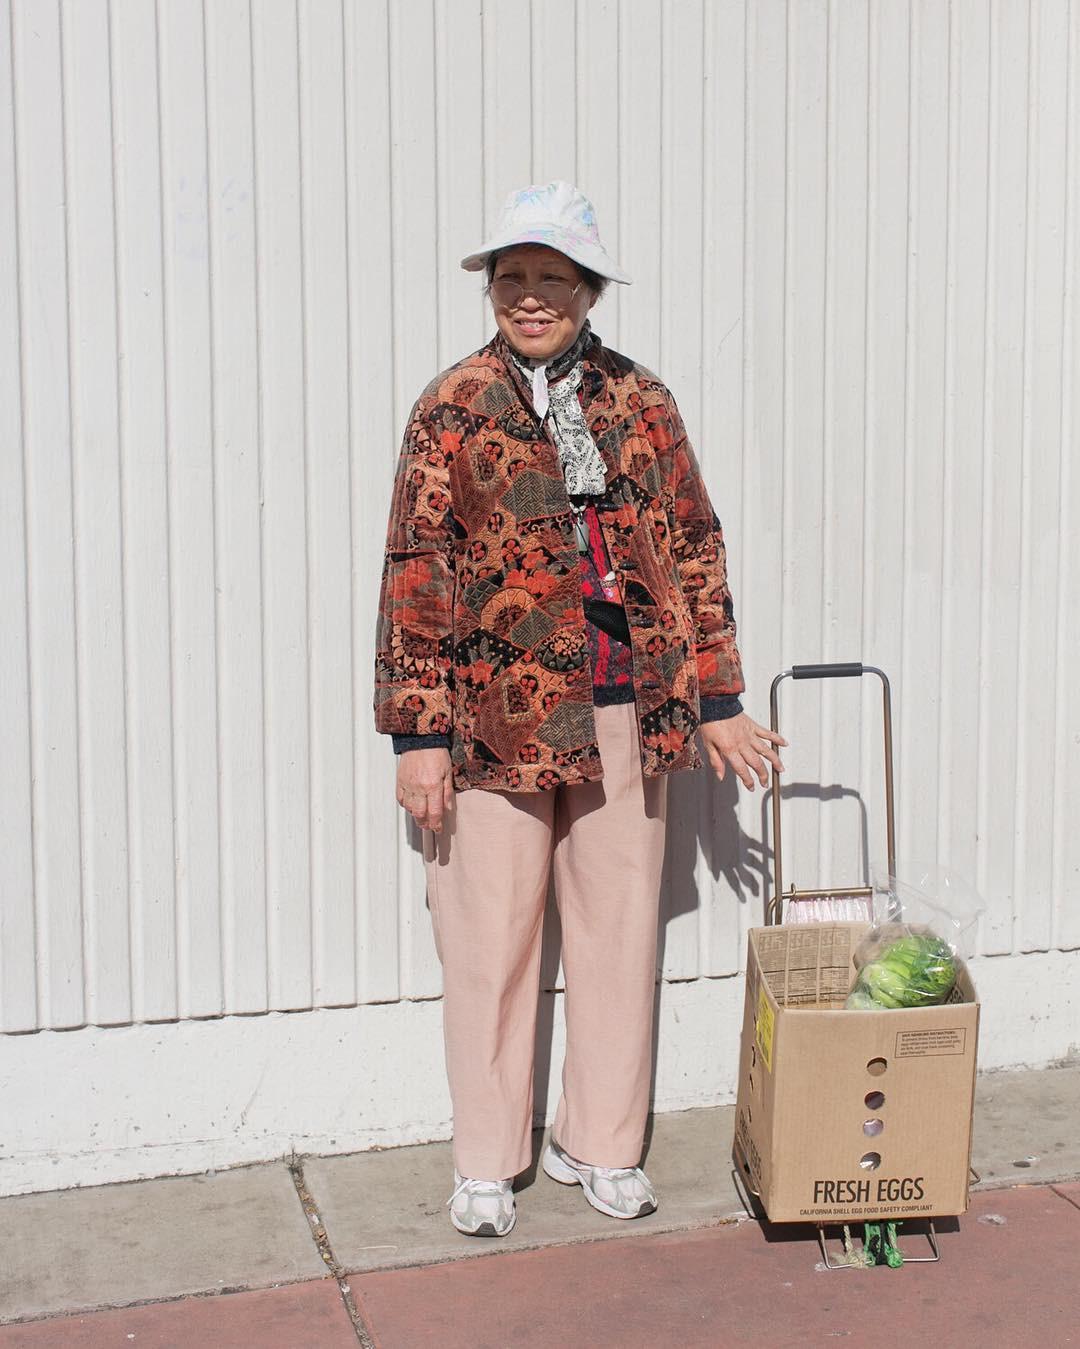 Không đăng hình giới trẻ, tài khoản Instagram này lại tôn vinh street style đi chợ của các cụ già và được hưởng ứng vô cùng - Ảnh 13.